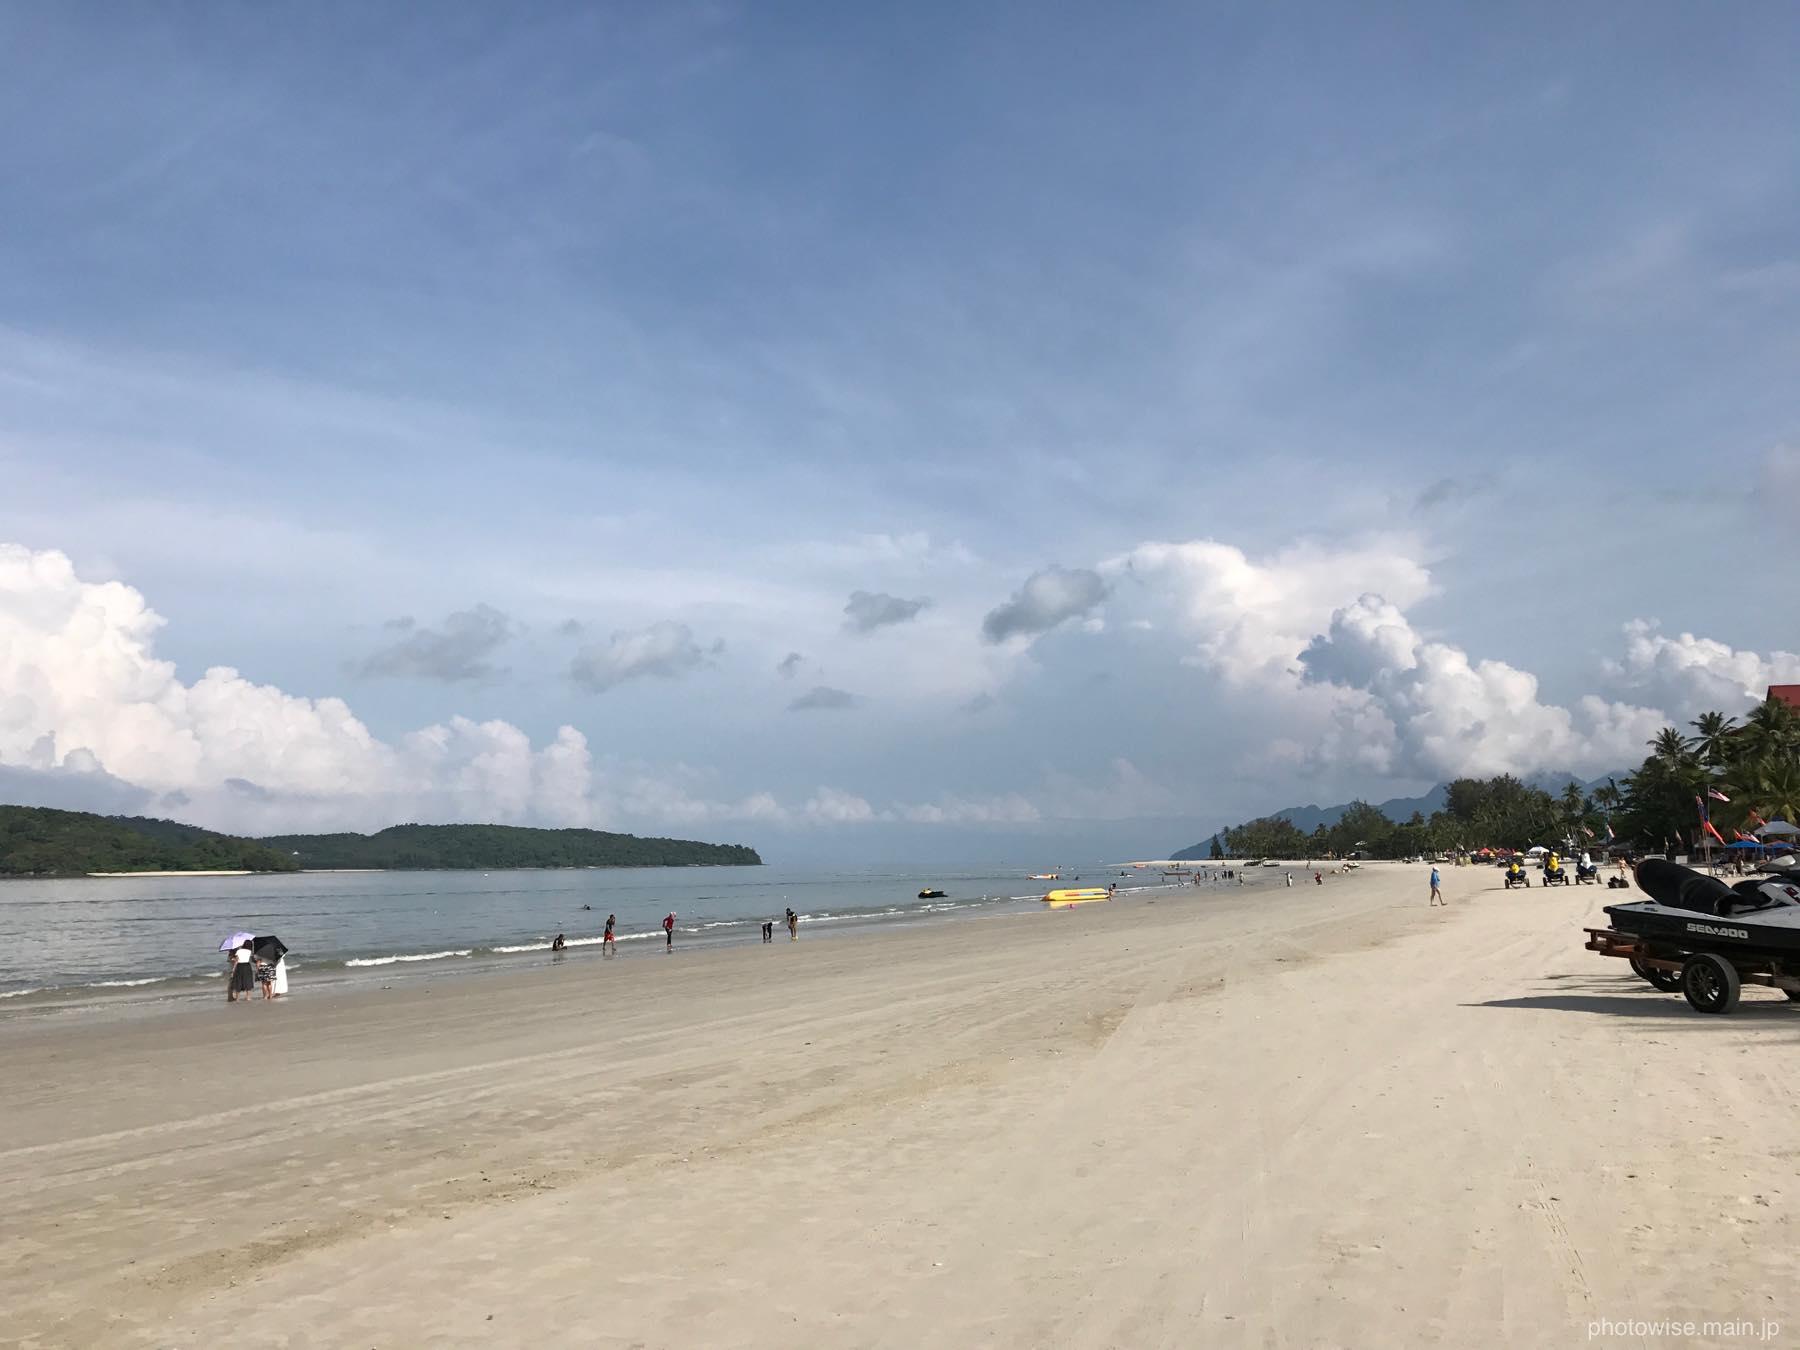 パンタイチェナンビーチの朝